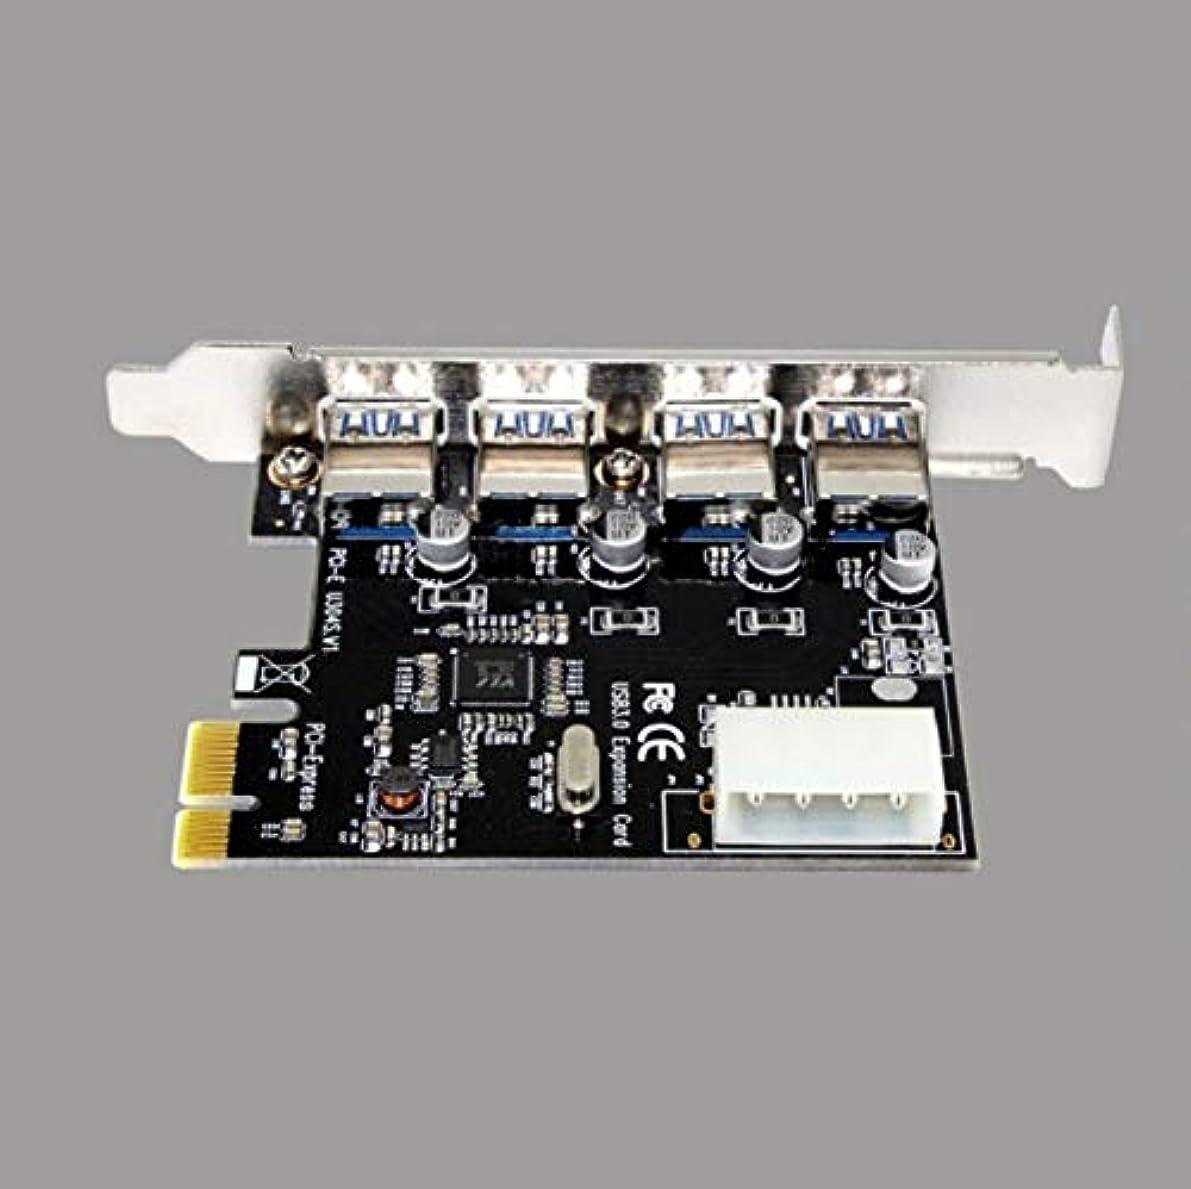 読書をするそよ風幻滅するミニ4ポートPCI-Eカードスロットエクスプレス拡張、USB 3.0アダプタライザーカード、ブラック